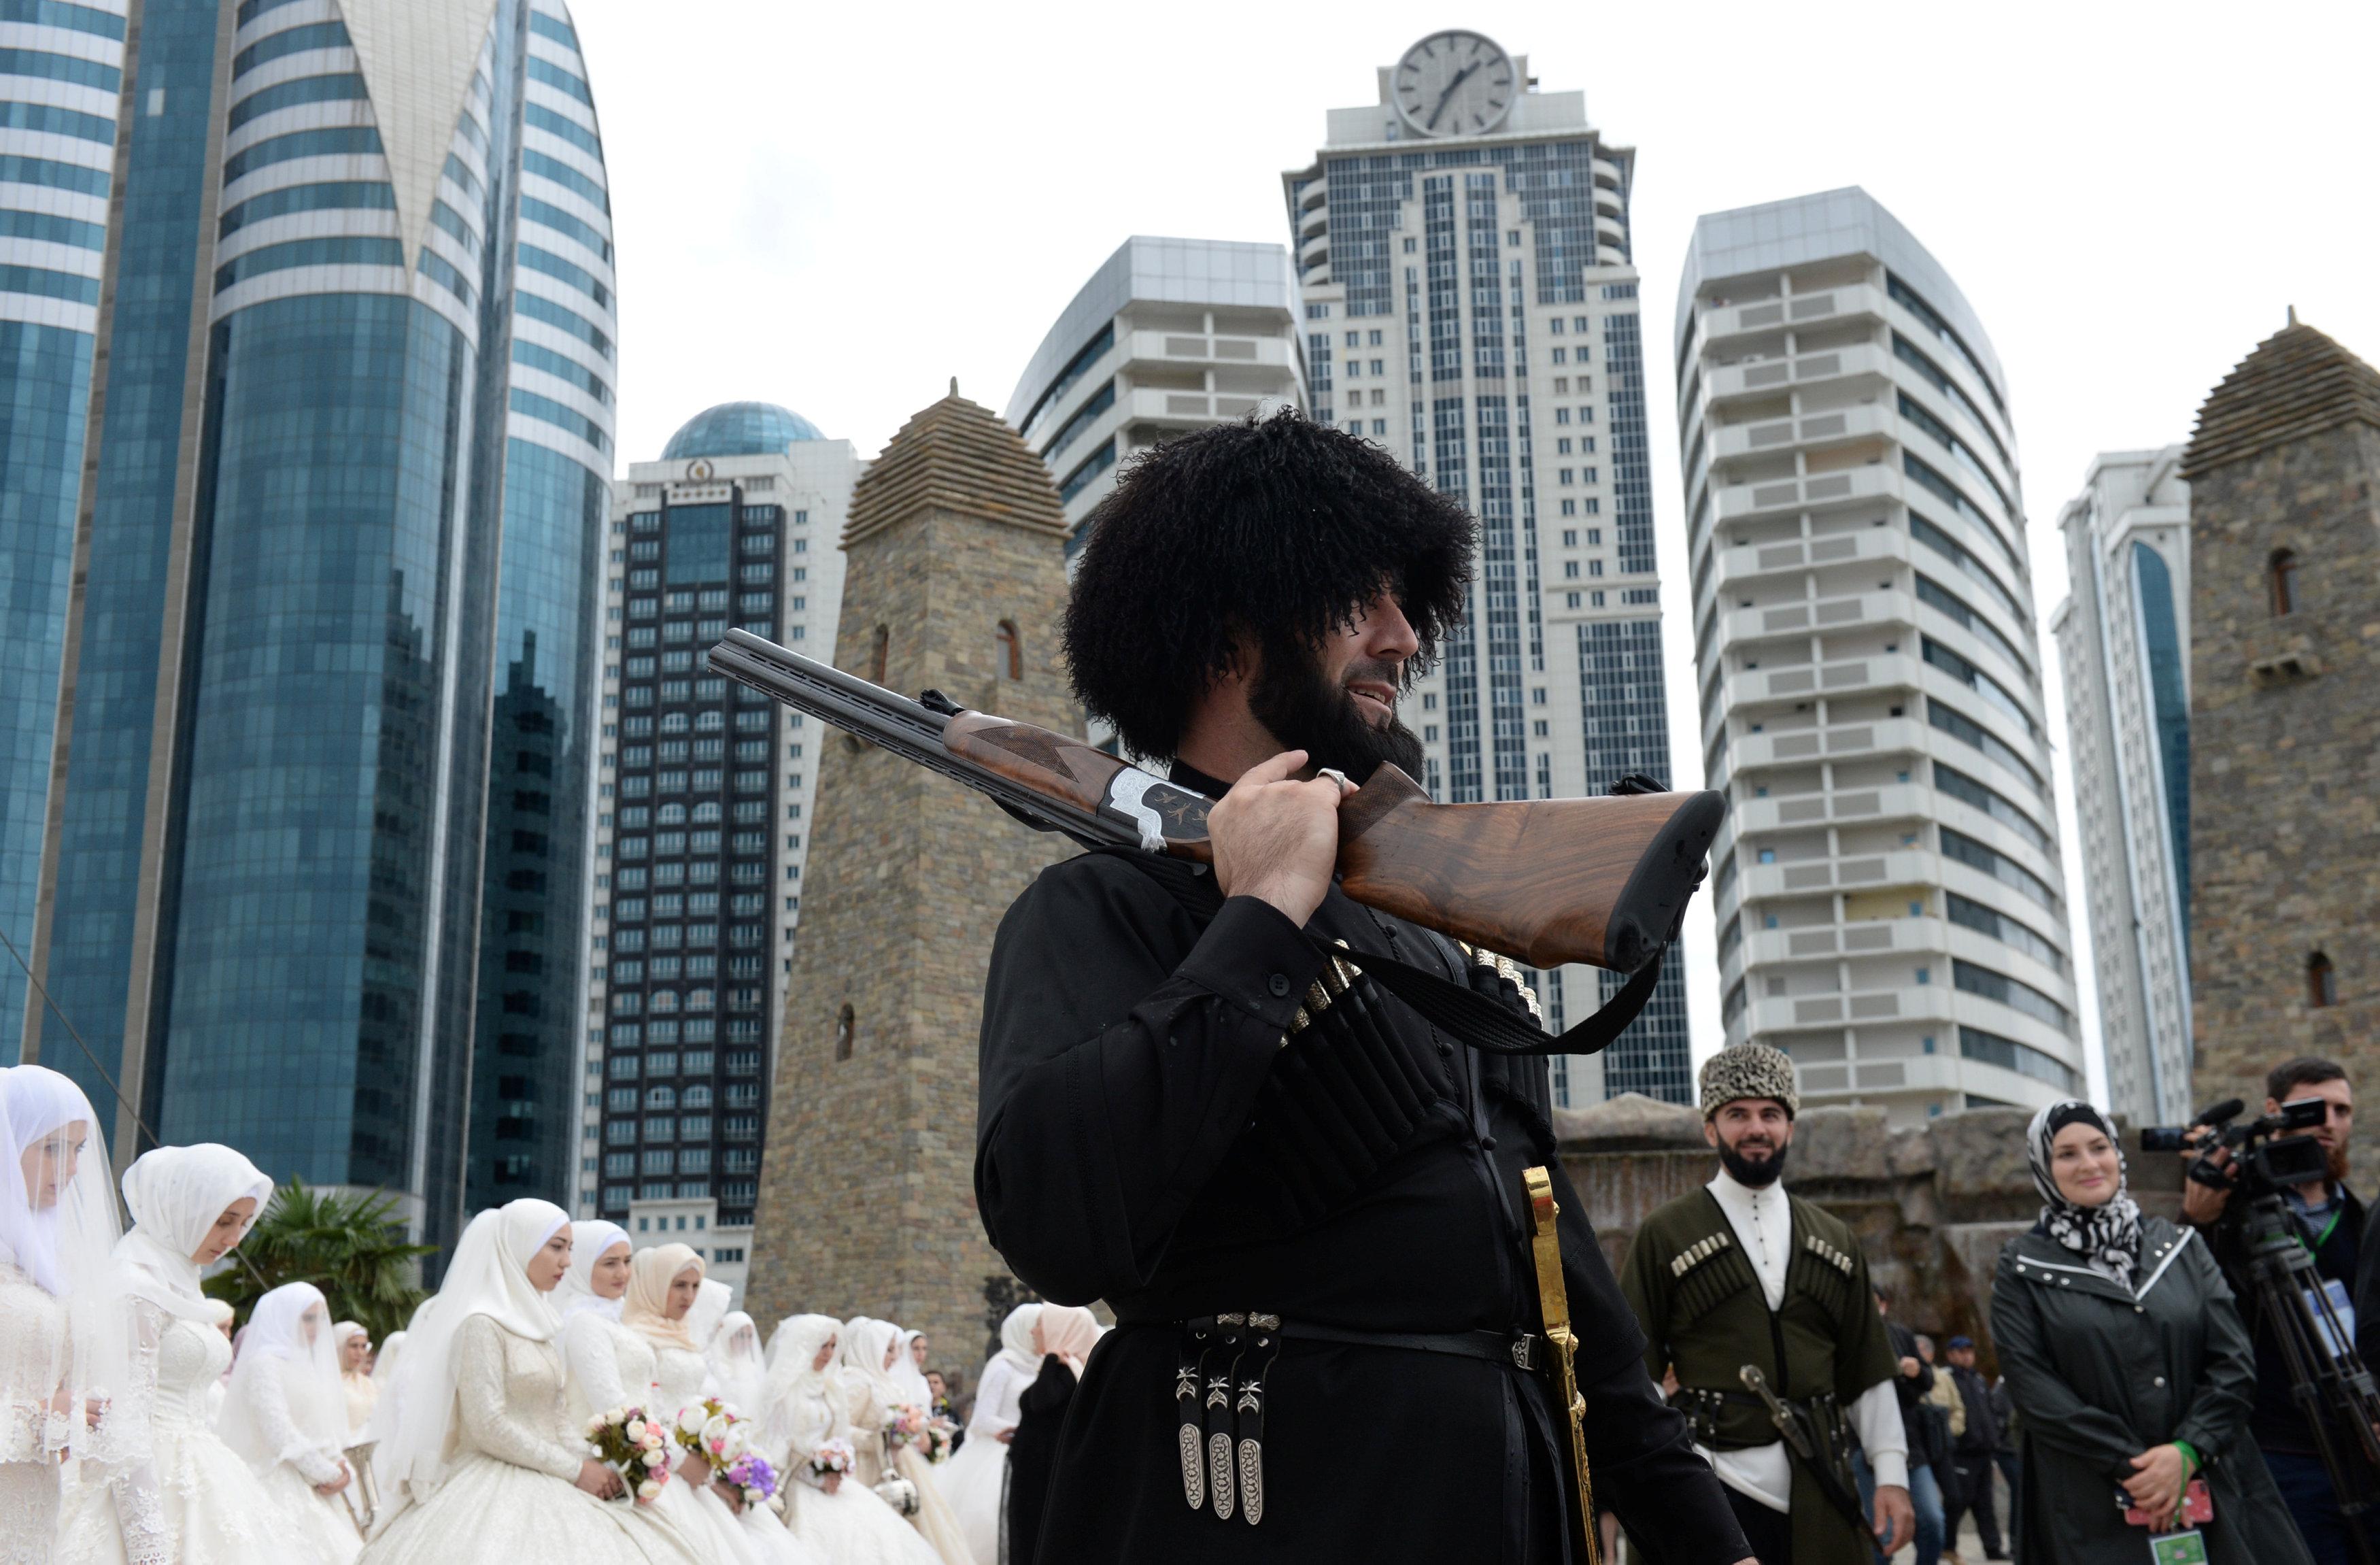 صور حفل زفاف جماعى فى الشيشان بمناسبة الذكرى الـ 200 لتأسيس جروزنى 1102793-2018-10-05T164357Z_541292782_RC1E6B52F5D0_RTRMADP_3_RUSSIA-CHECHNYA-GROZNY-ANNIVERSARY